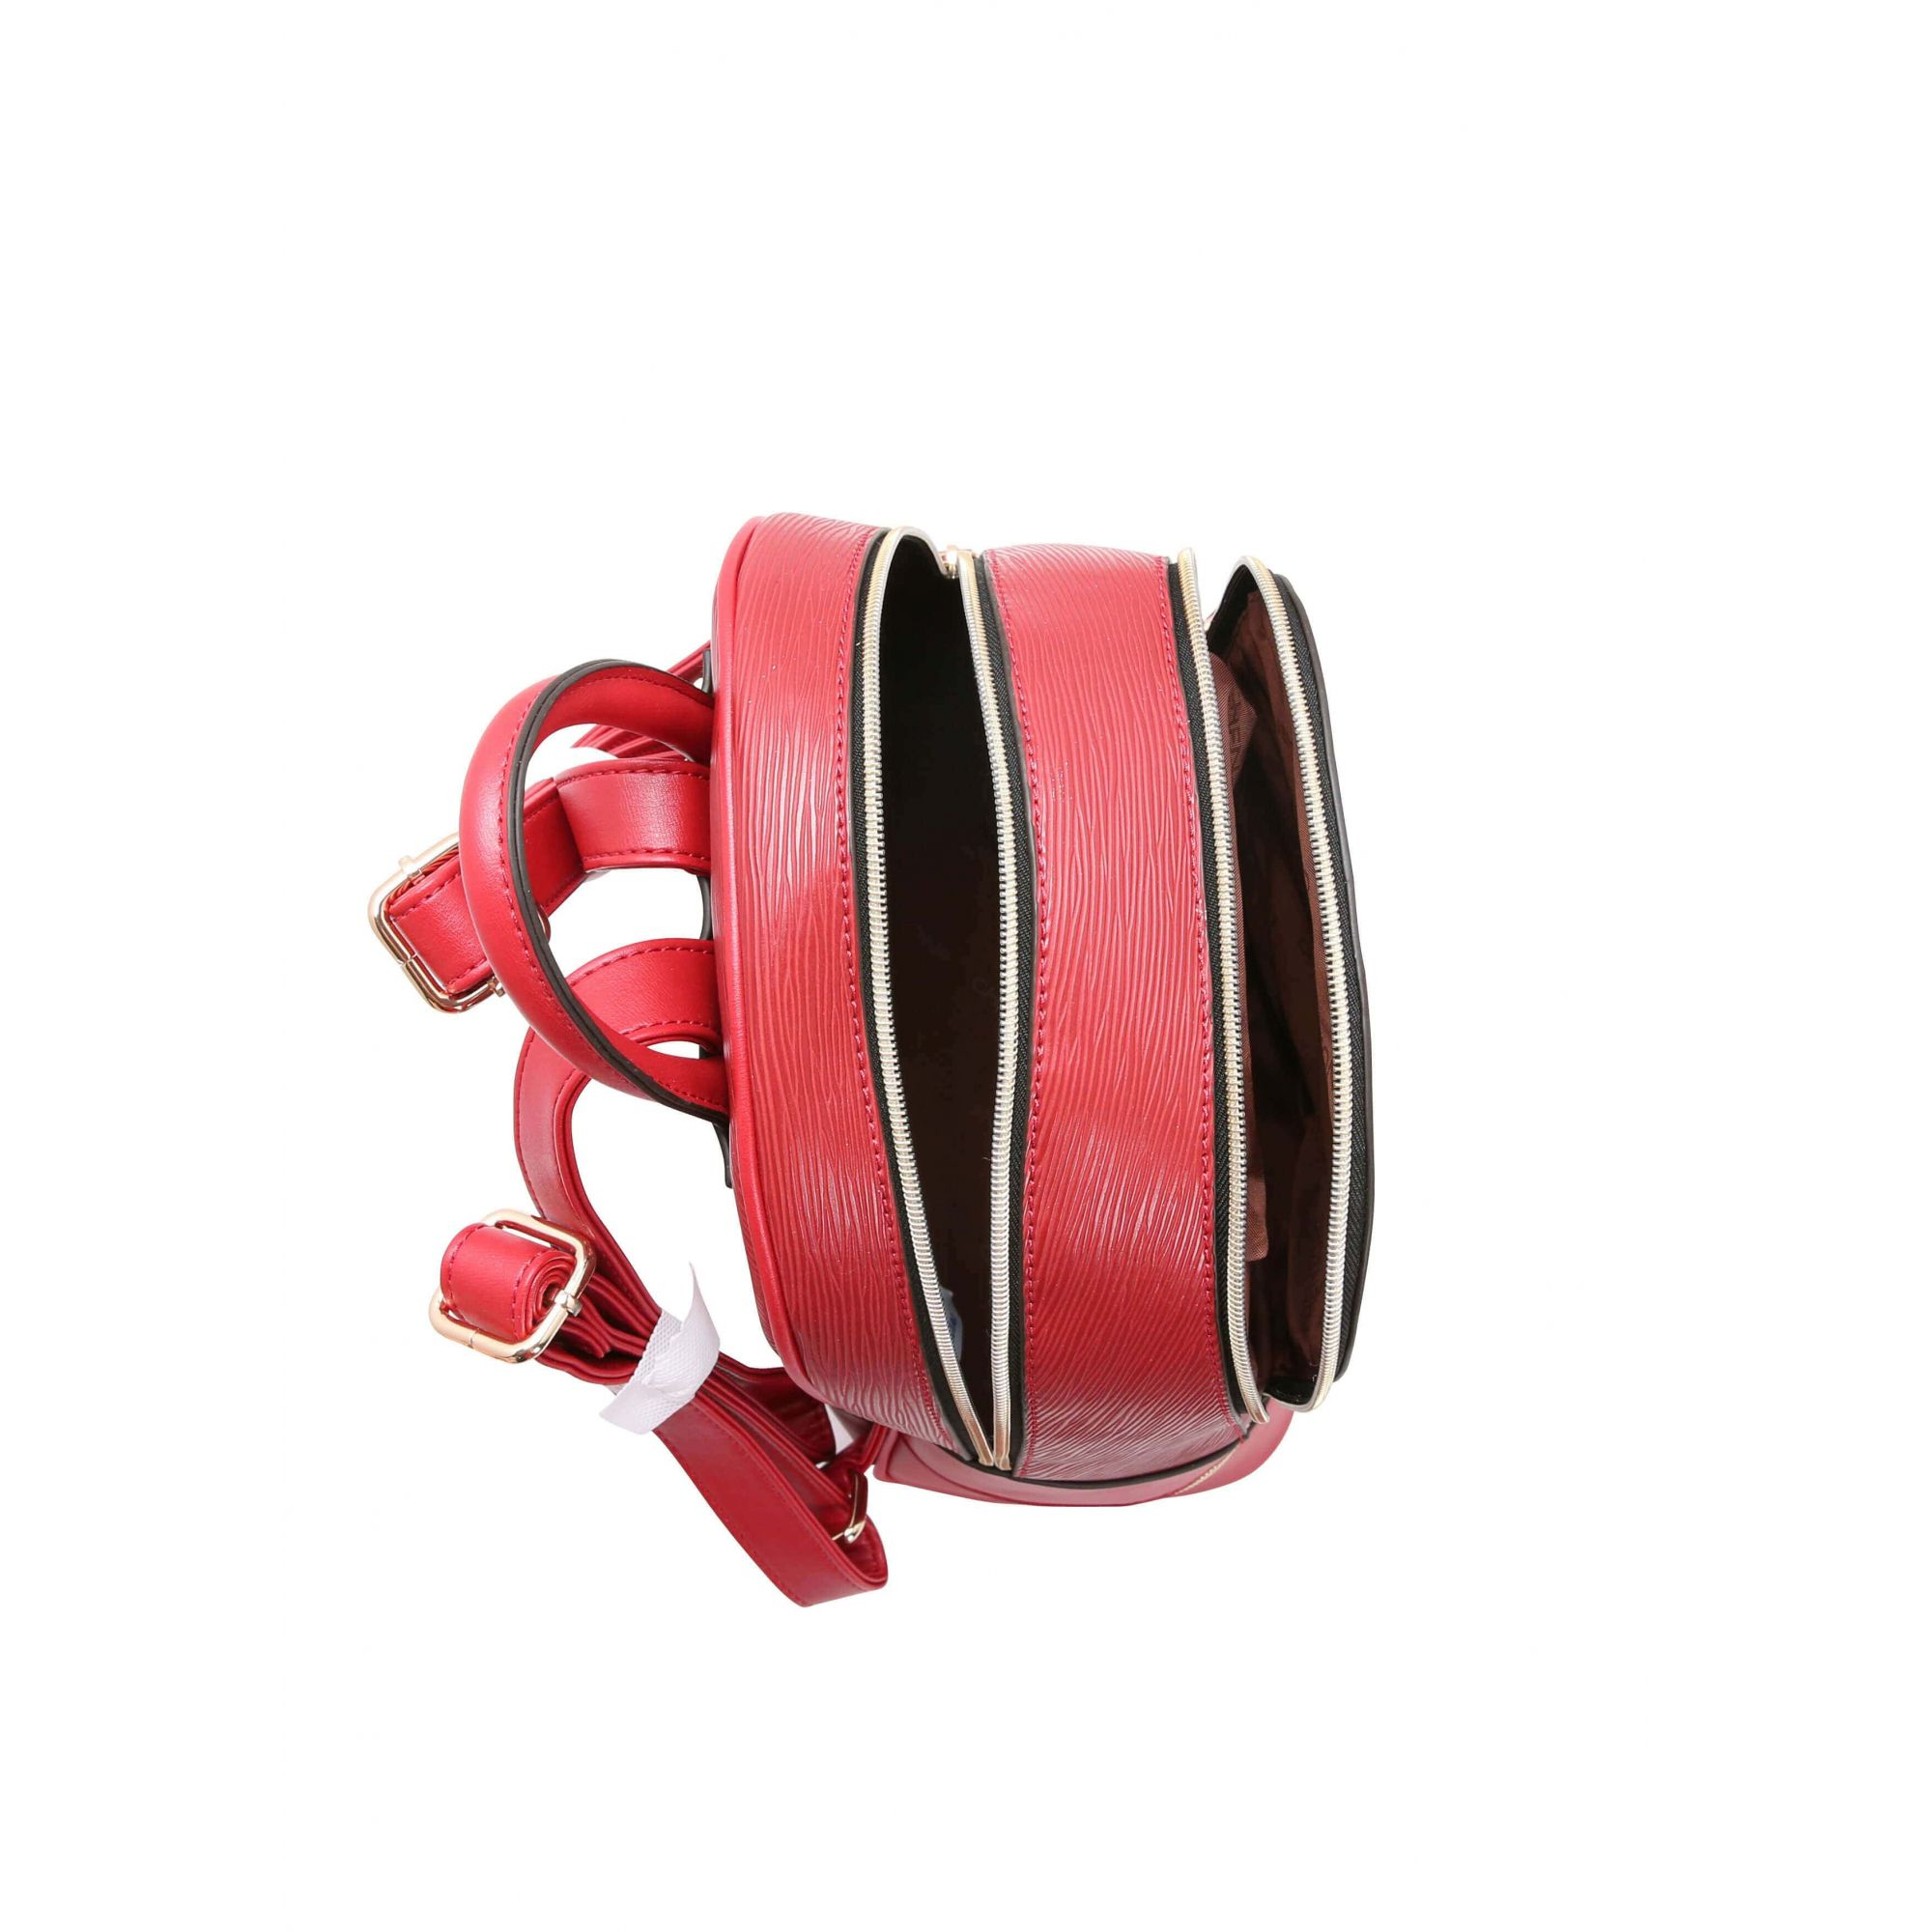 Bolsa Mochila de Costas Feminina Chenson Vermelha Original